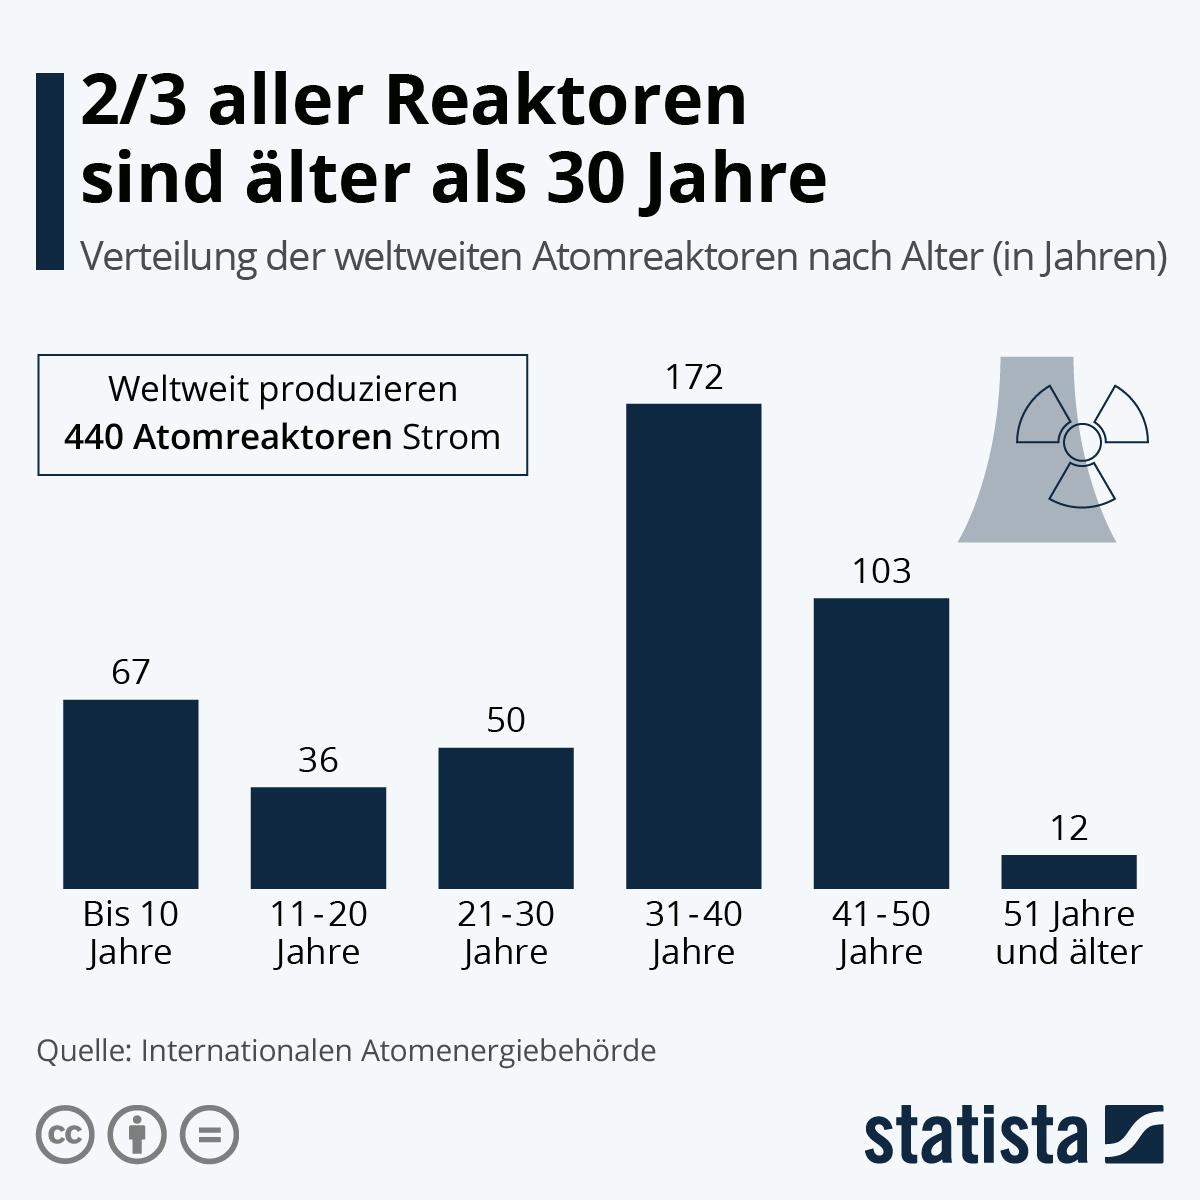 Infografik: 2/3 aller Reaktoren sind älter als 30 Jahre | Statista